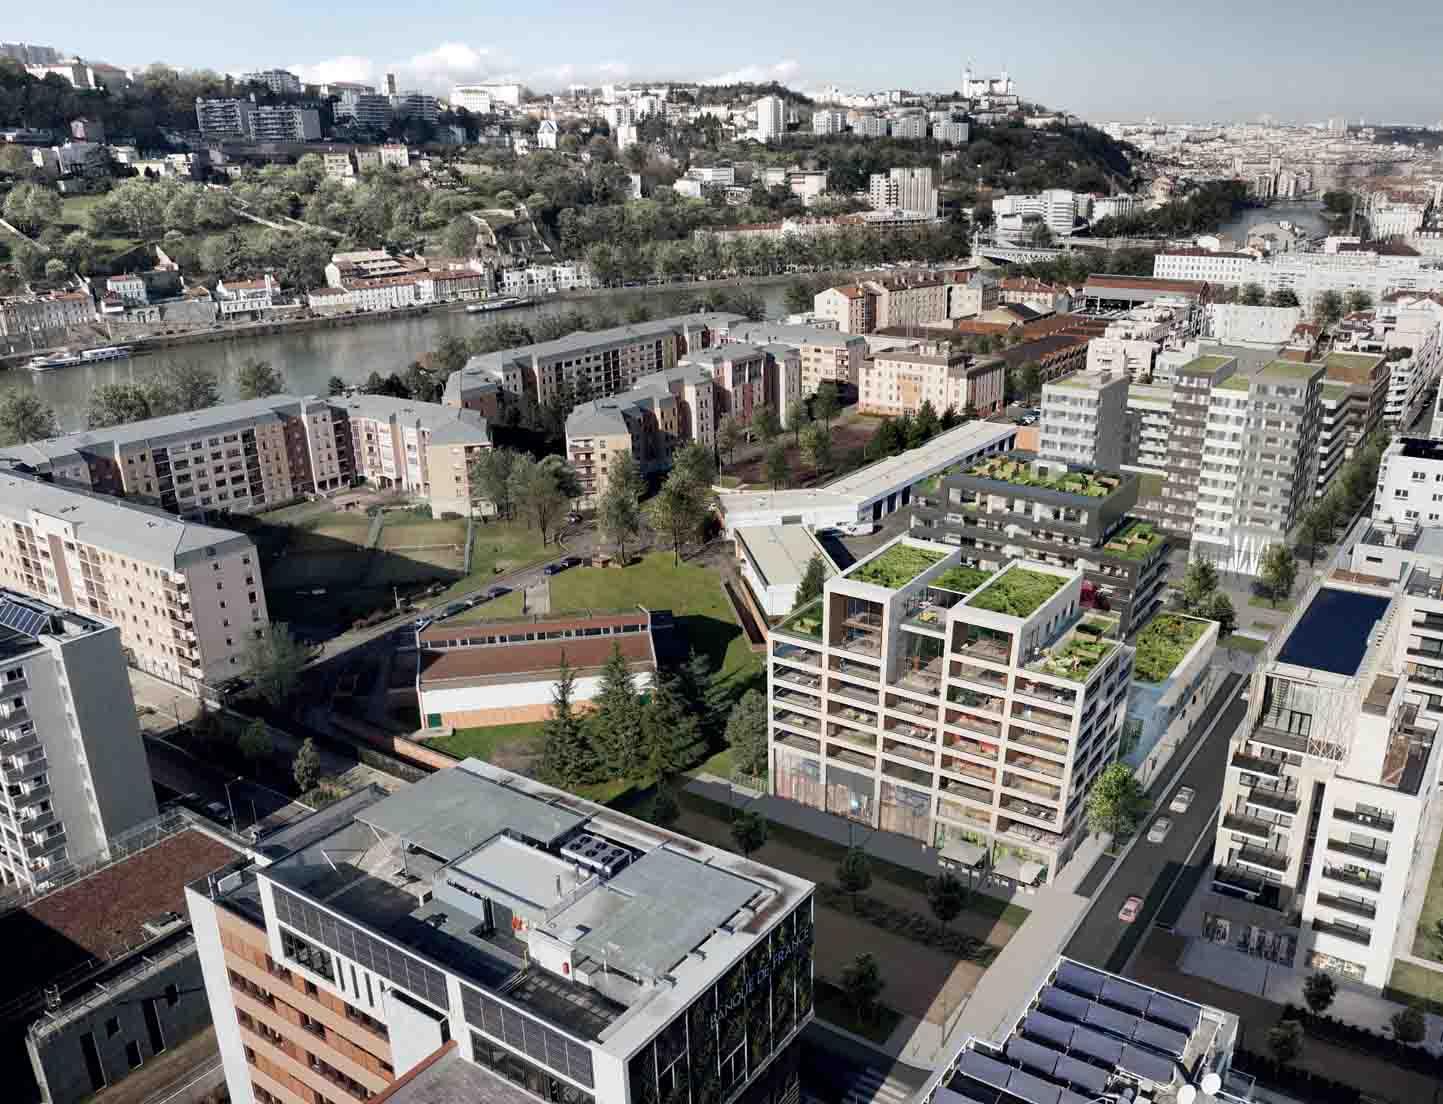 La nouvelle société, La Foncière, regroupera 135 immeubles appartenant au groupe SNCF via la filiale Novedis. L'opération porte sur 4100appartements sur les 7100 qu'administre Novedis au sein d'ICF Habitat. Ils sont situés en Île-de-France mais aussi dans d'autres grandes villes de province.